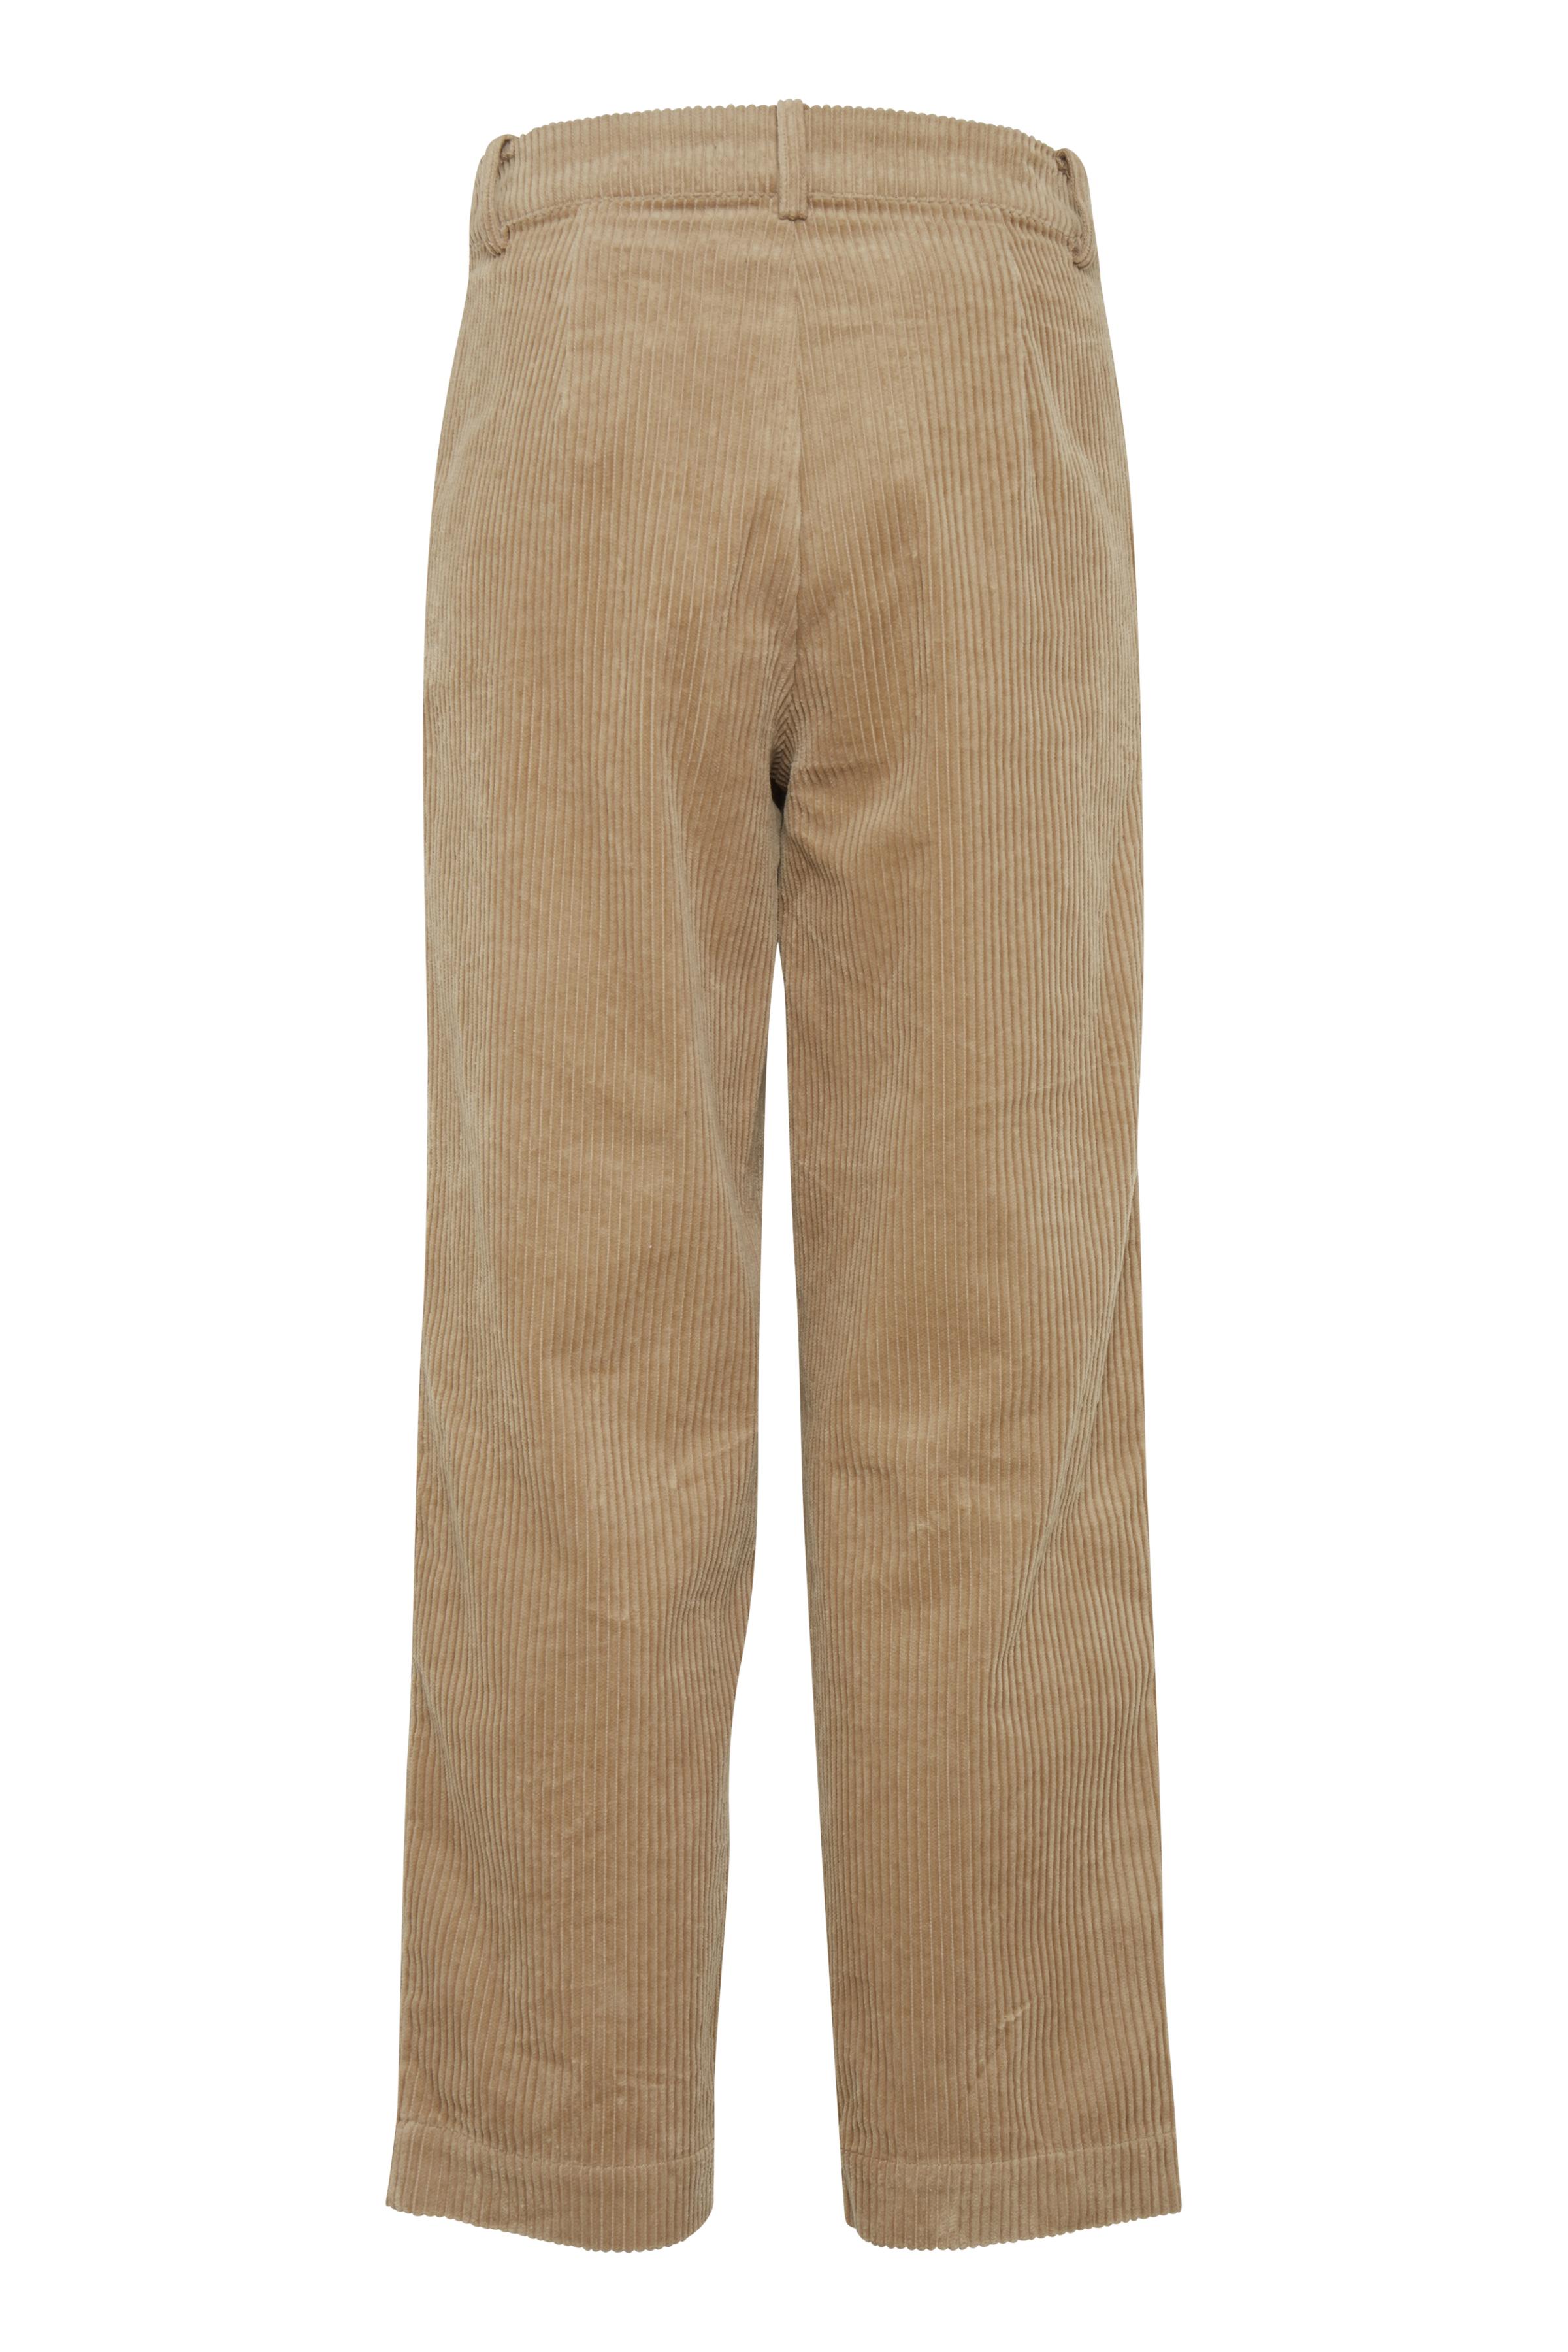 Tannin Pants Casual – Køb Tannin Pants Casual fra str. 34-42 her